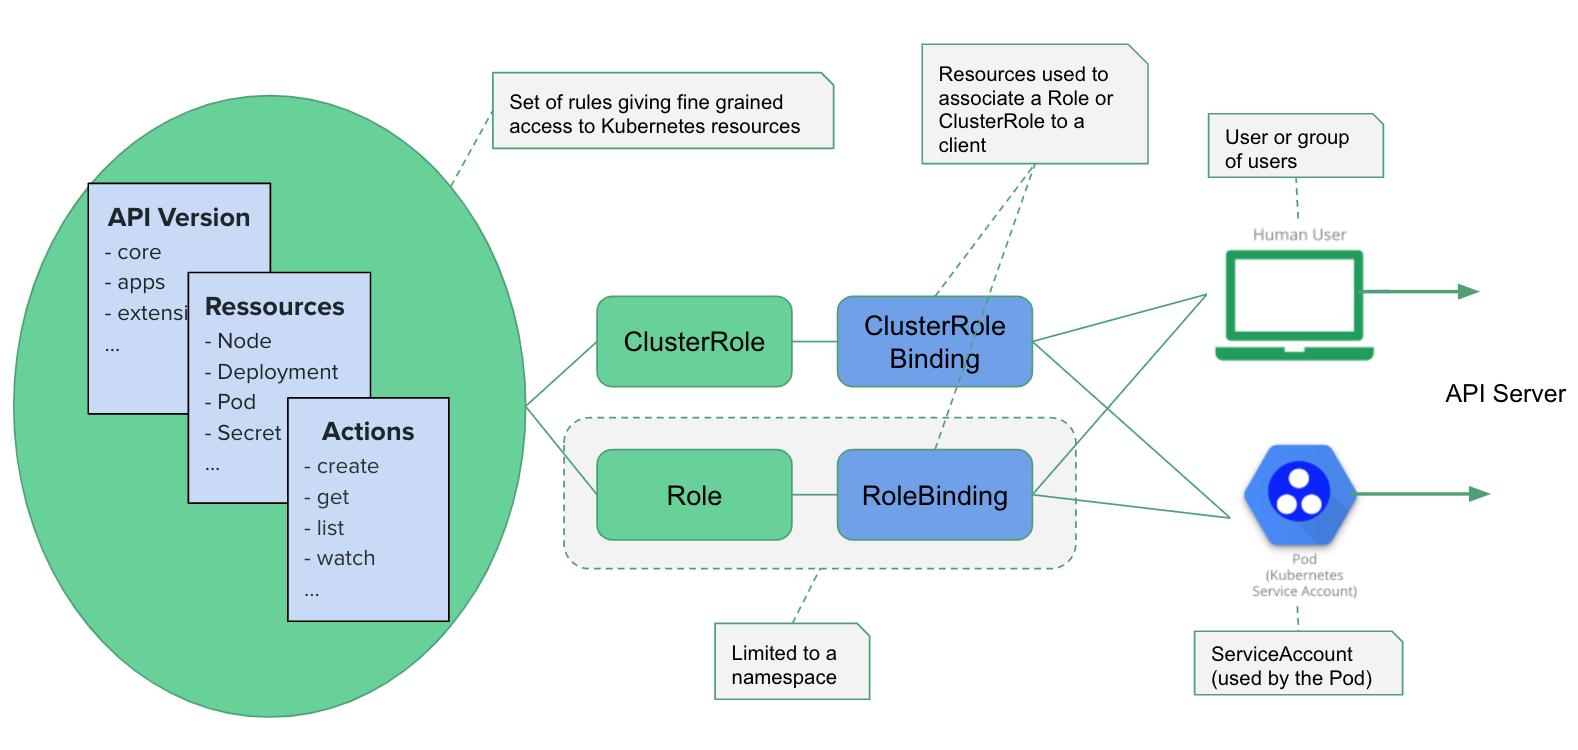 Ресурсы, задействованные в управлении доступом к базе ролей Kubernetes (RBAC)